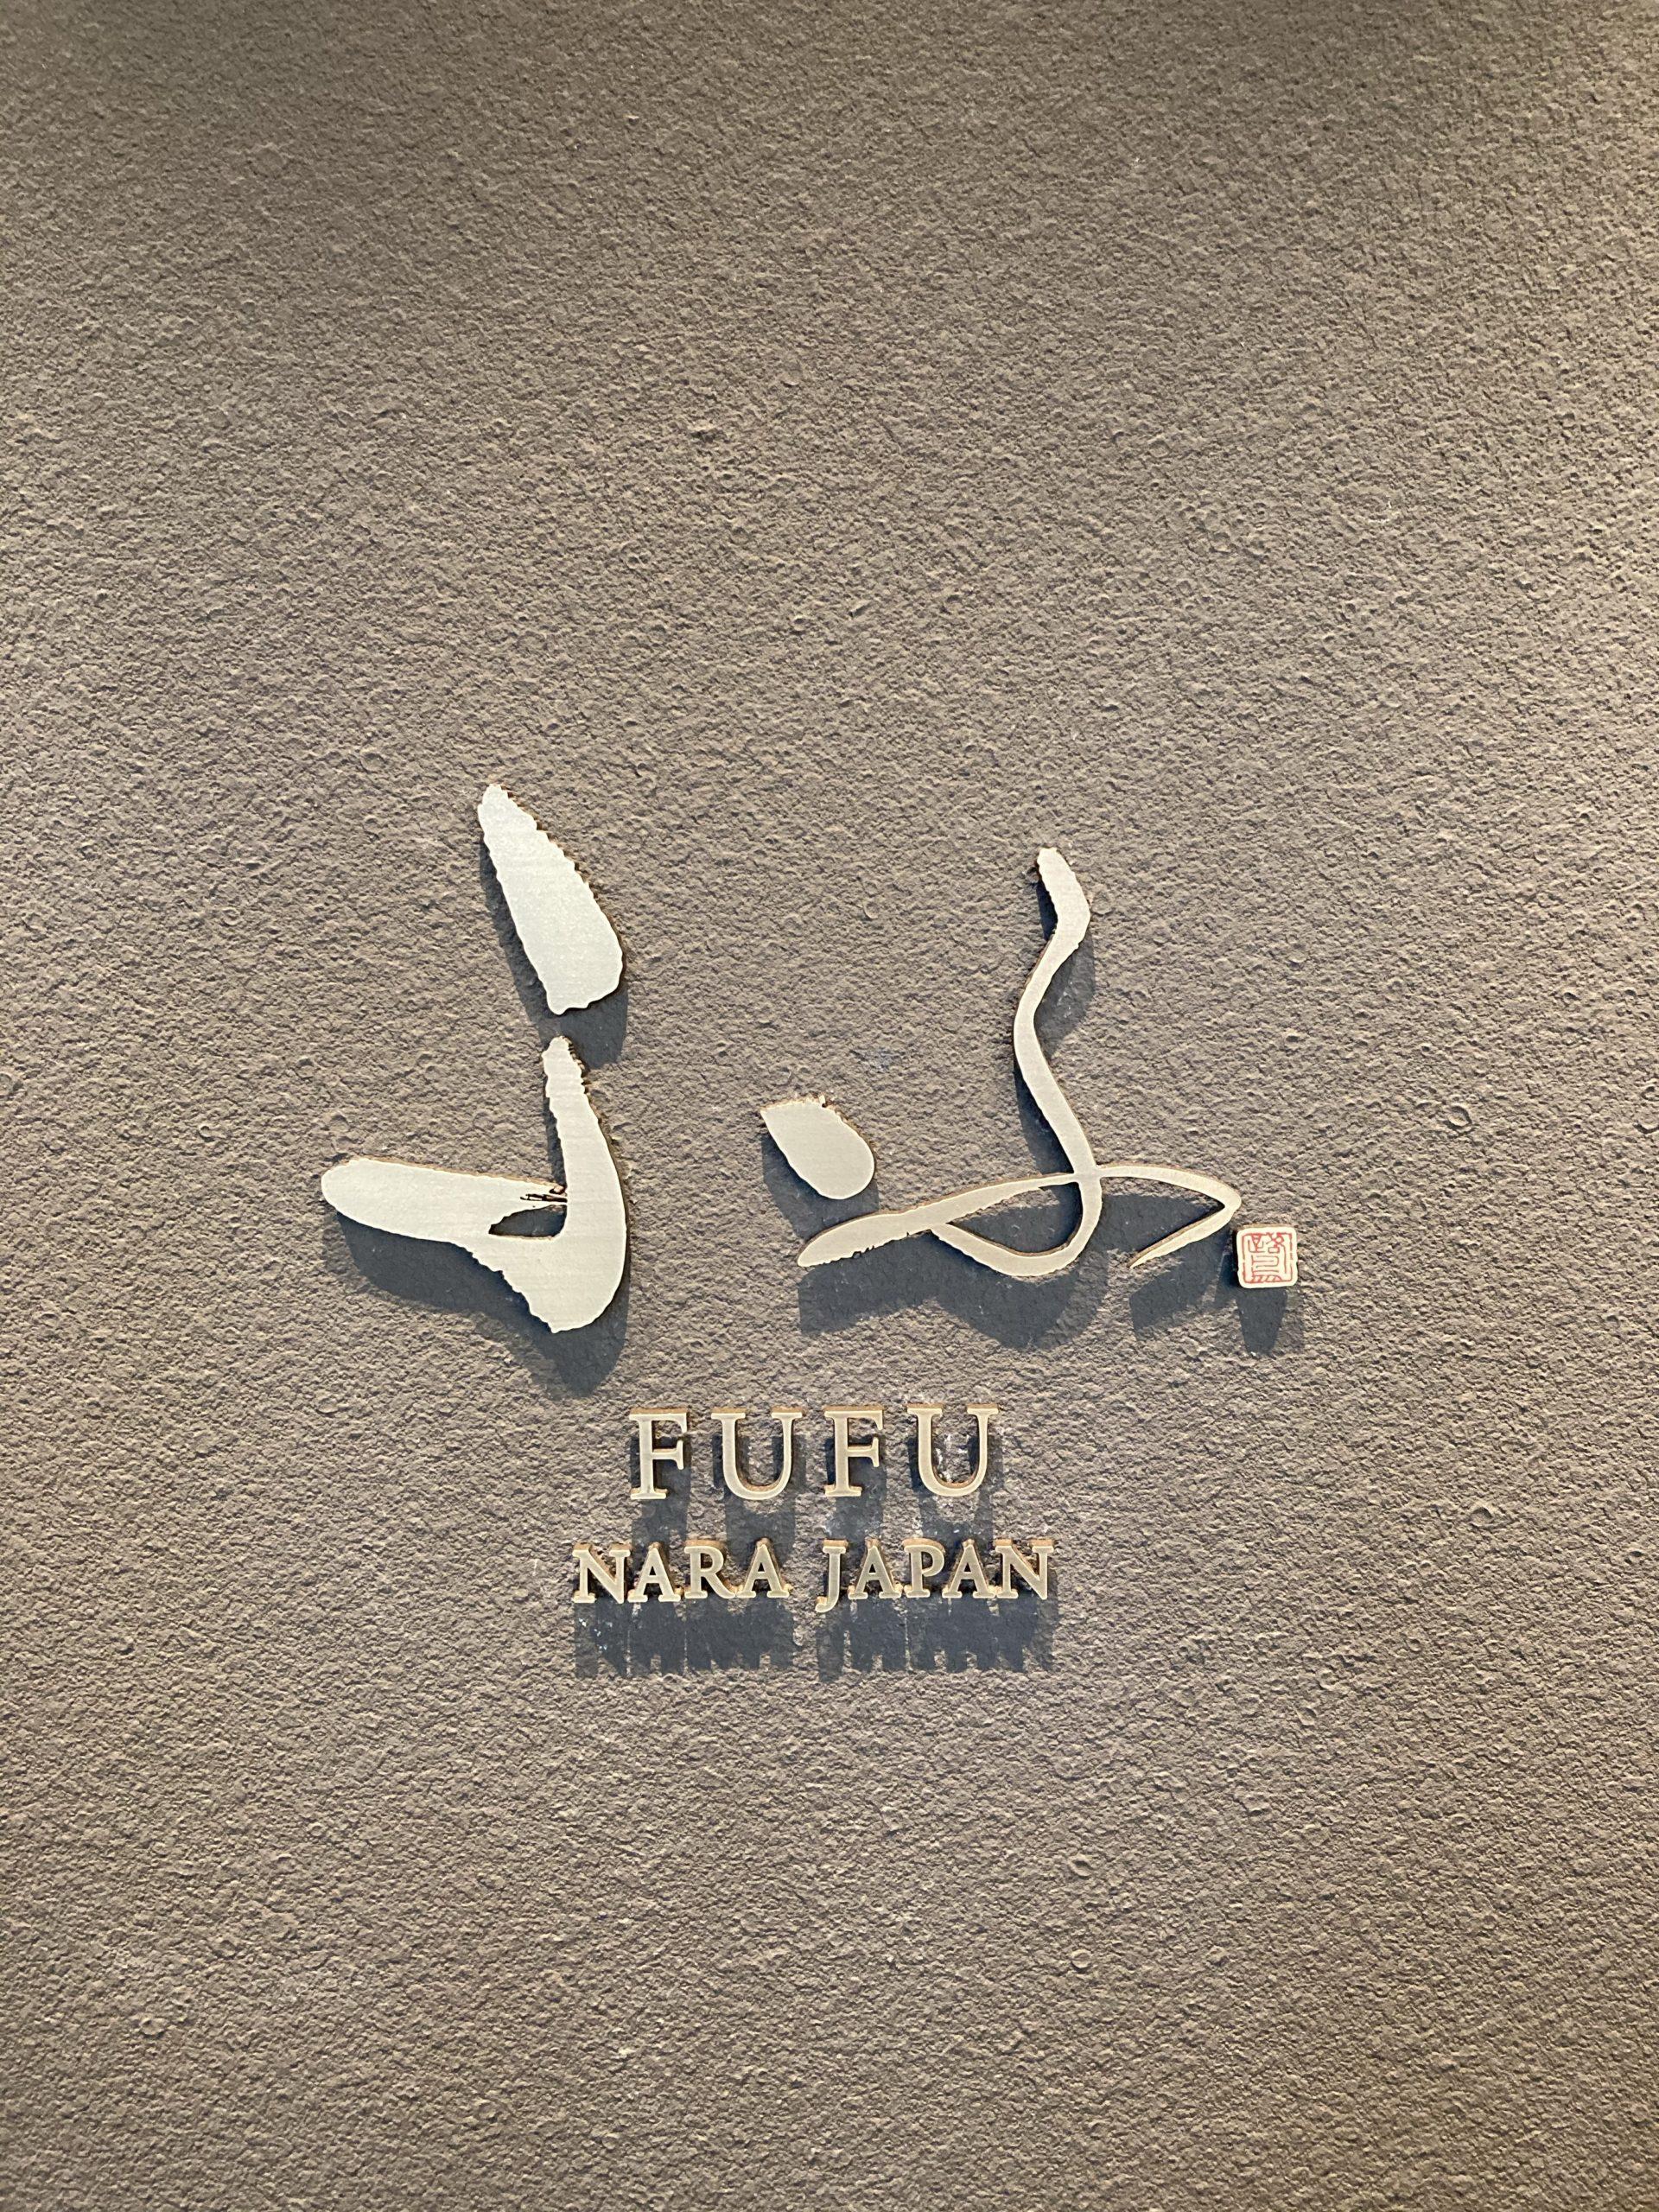 「ふふ奈良」看板の写真